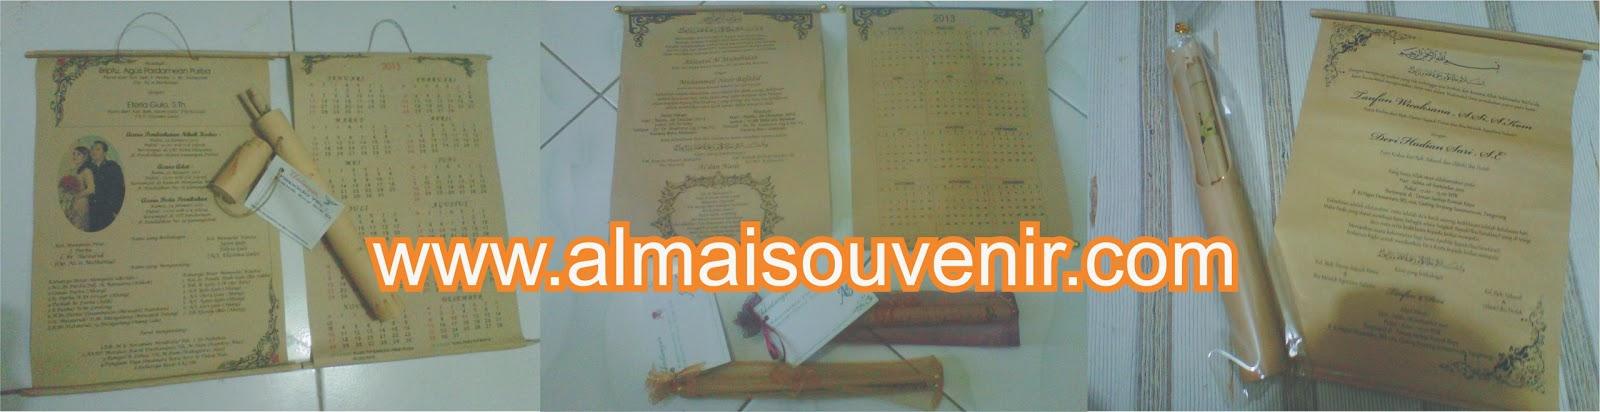 undangan nawolo kemas bambu, undangan unik, undangan etnik, undangan pernikahan murah